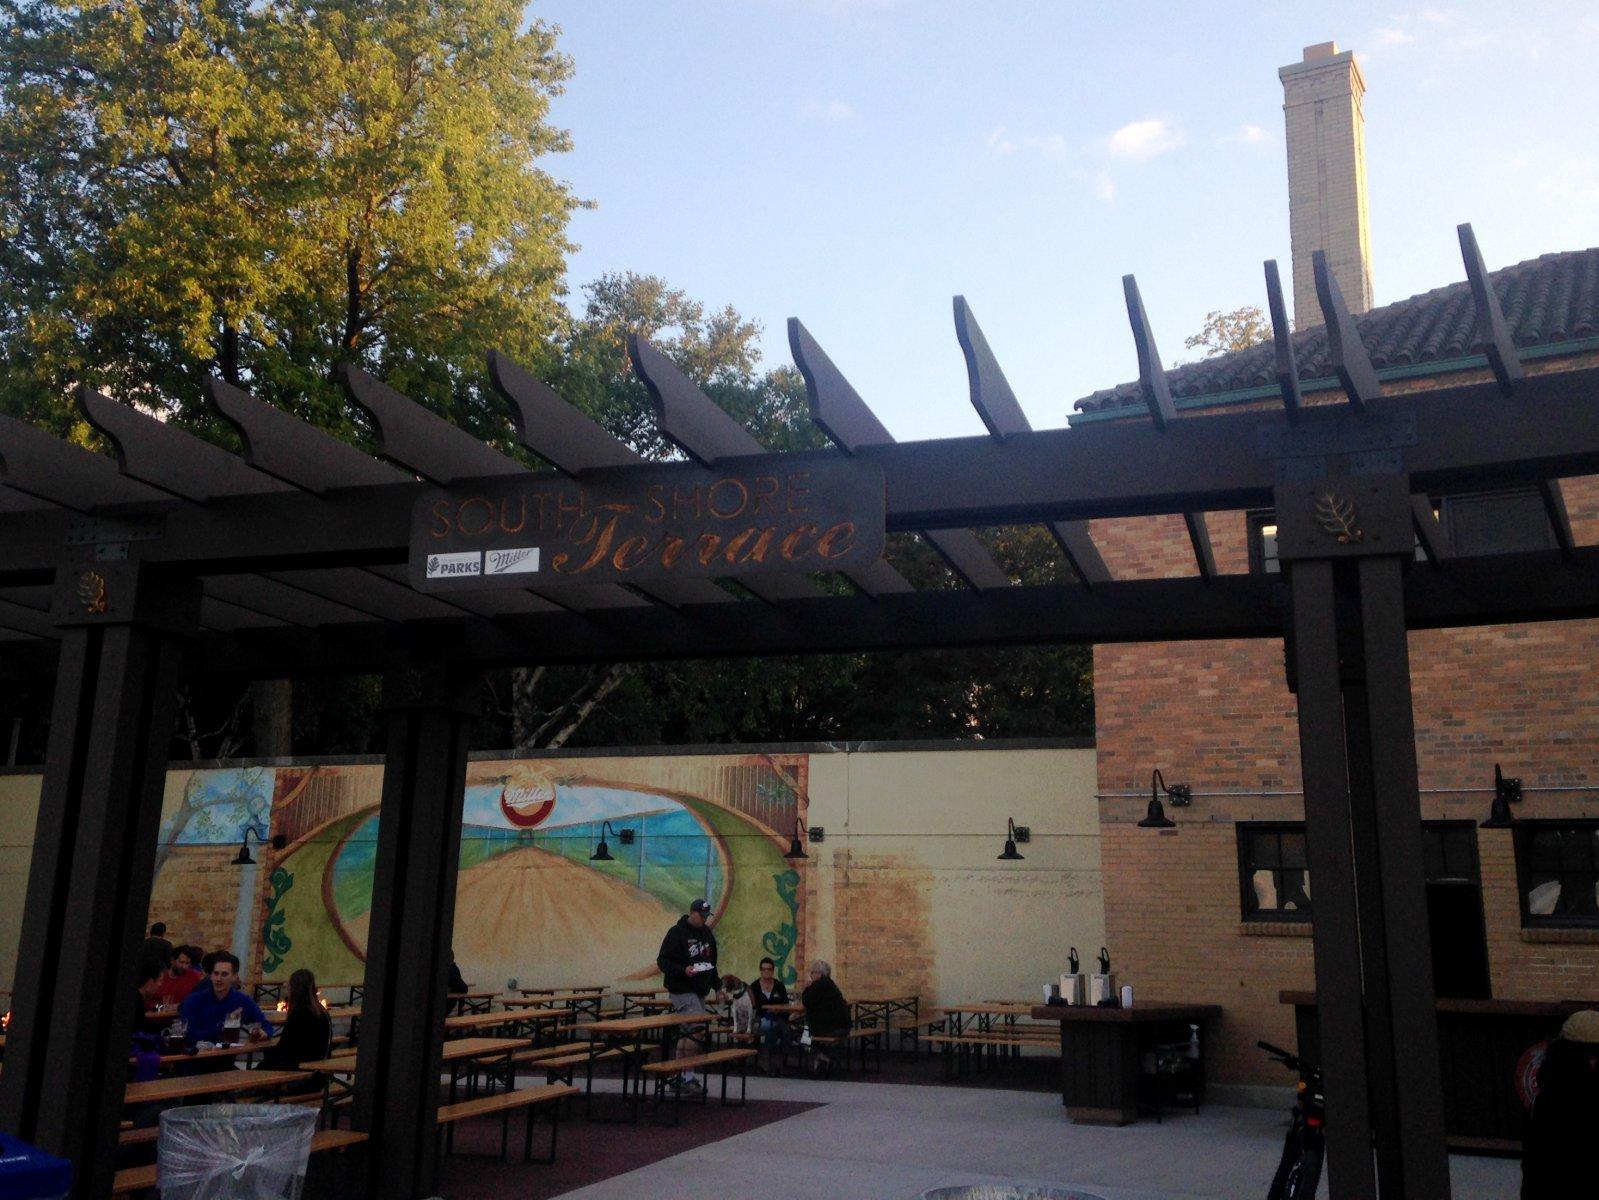 South Shore Park Beer Garden